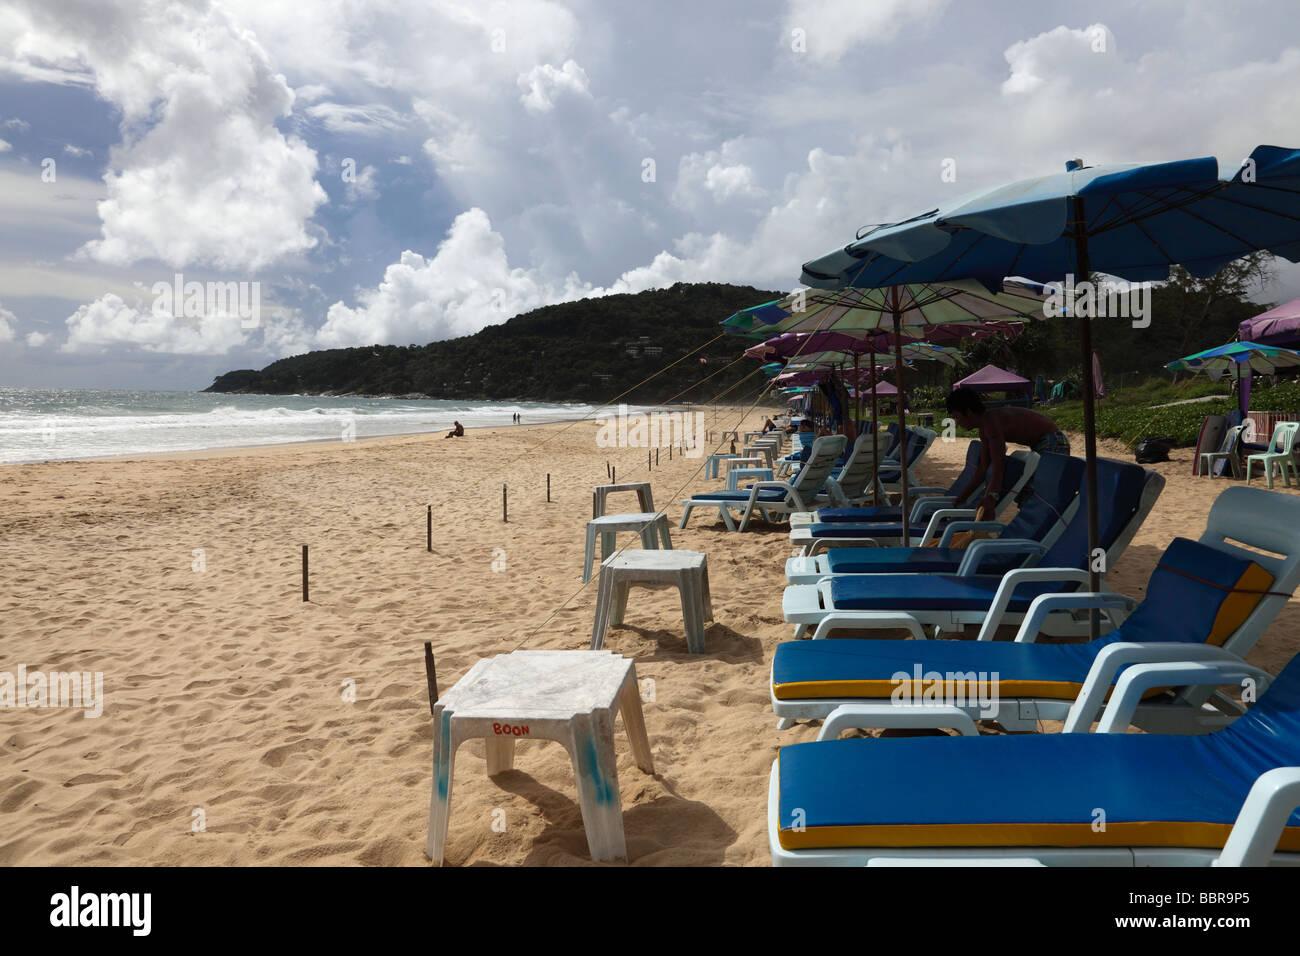 Karon beach Thailand - Stock Image